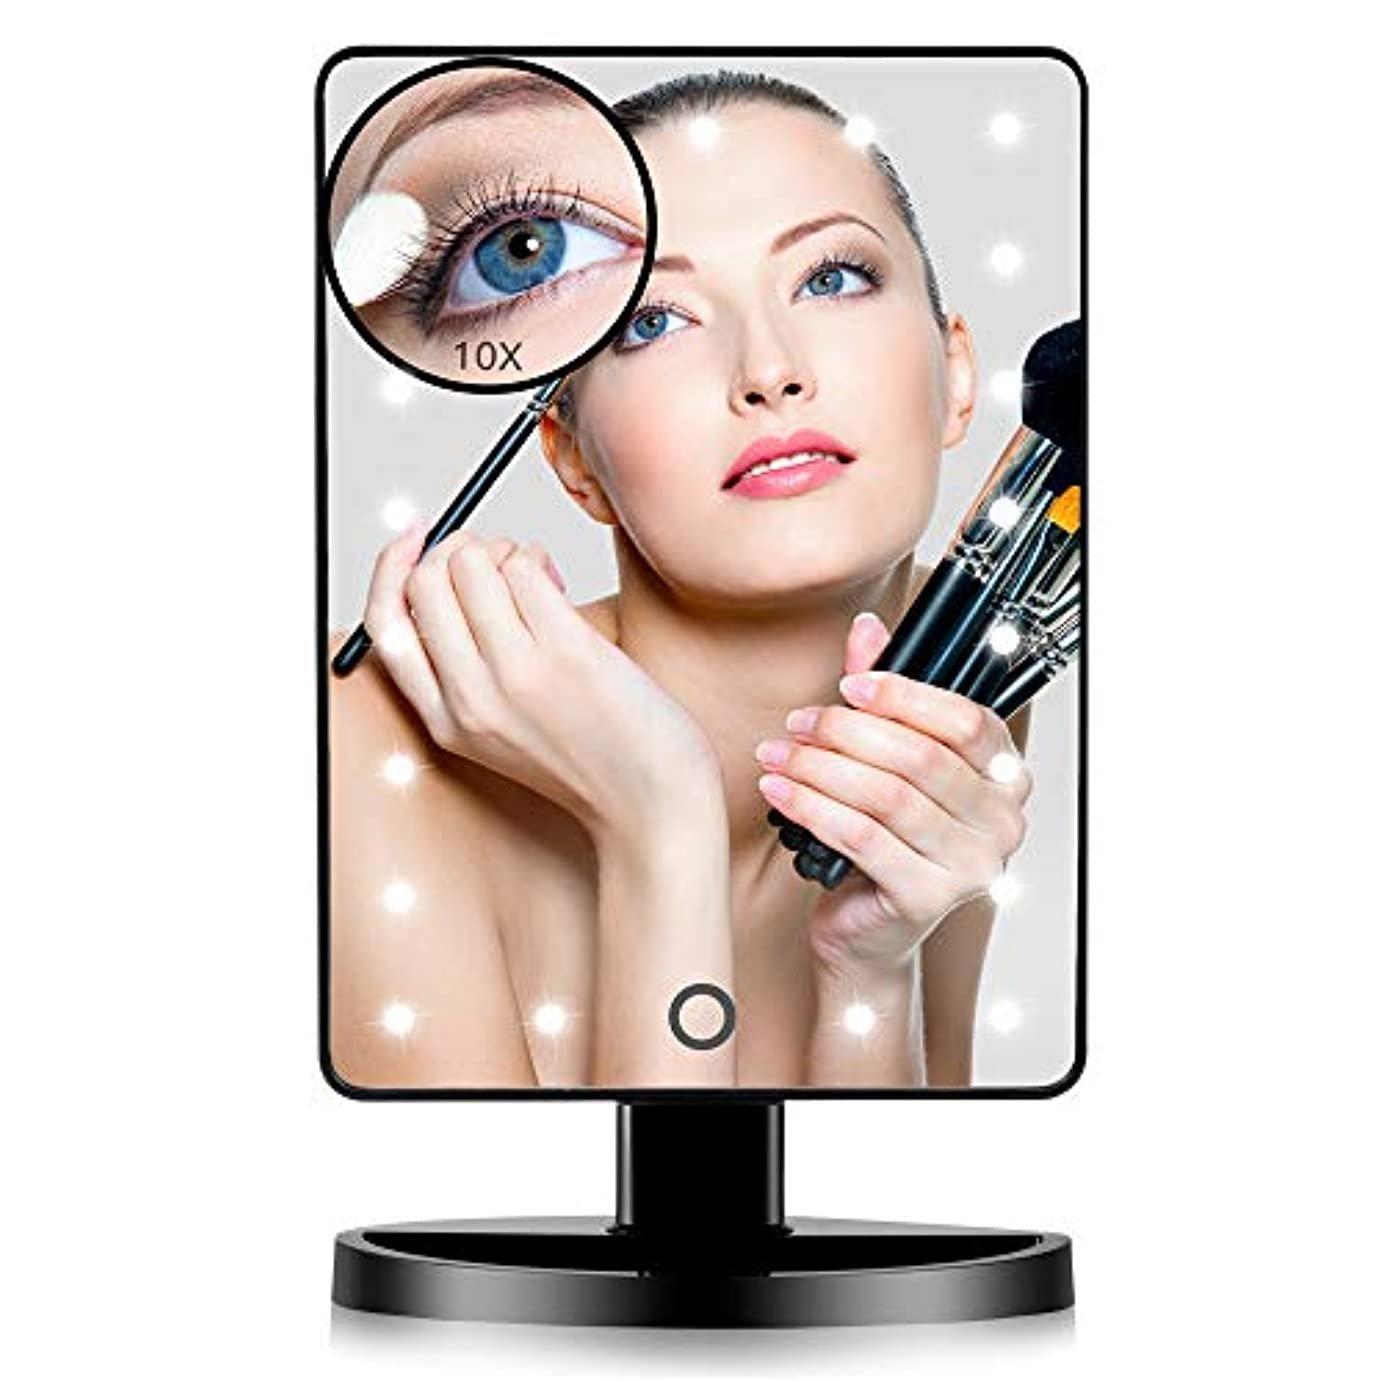 咽頭マリナー憧れFASCINATE 化粧鏡 化粧ミラー 鏡 女優ミラー 卓上 21 led 拡大鏡 10倍 明るさ調節可能 180°回転 電池給電